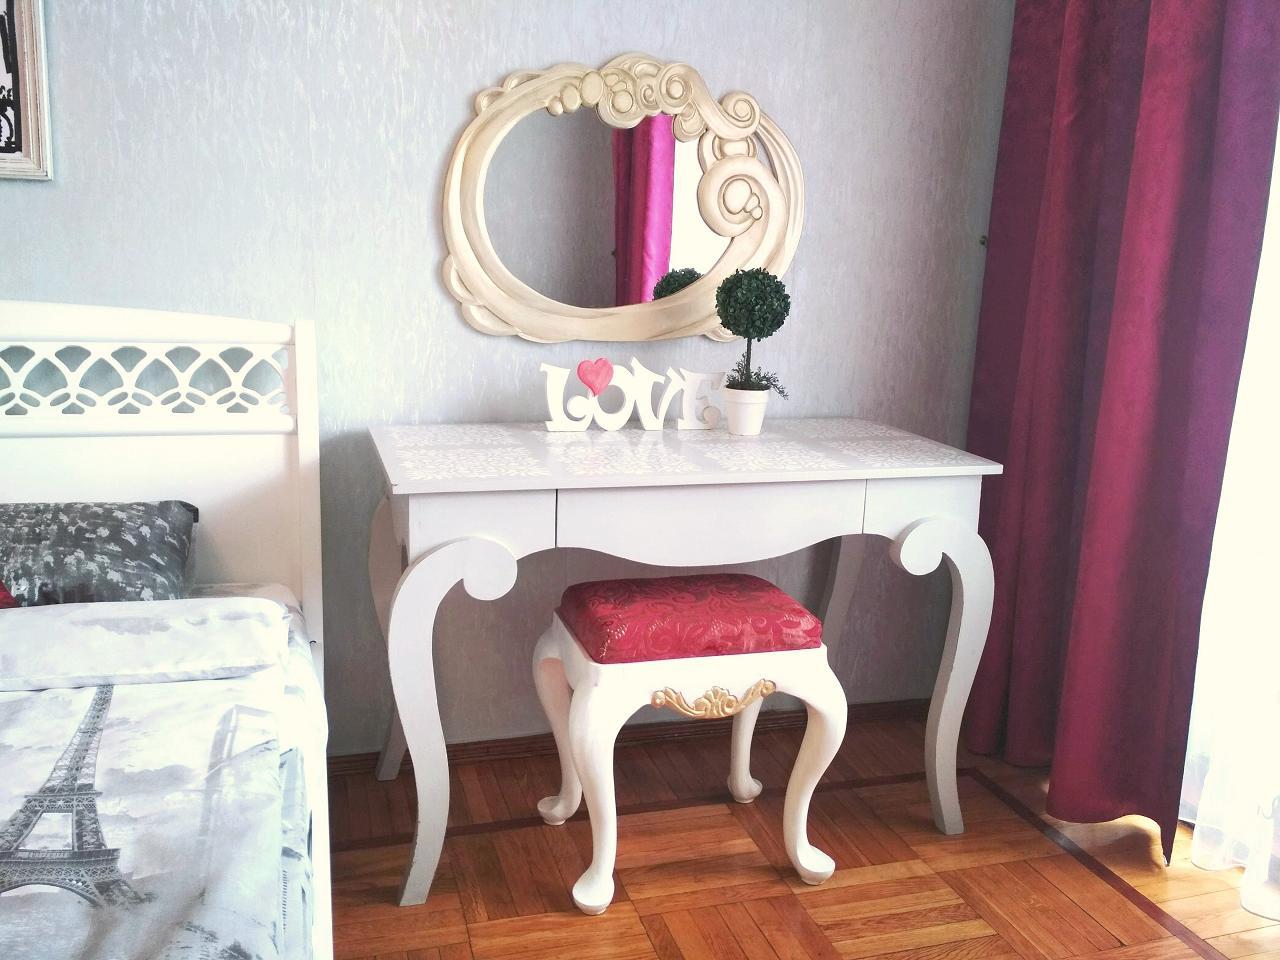 1-комнатная квартира посуточно в Одессе. Киевский район, ул. Ильфа и Петрова, 29 (4)